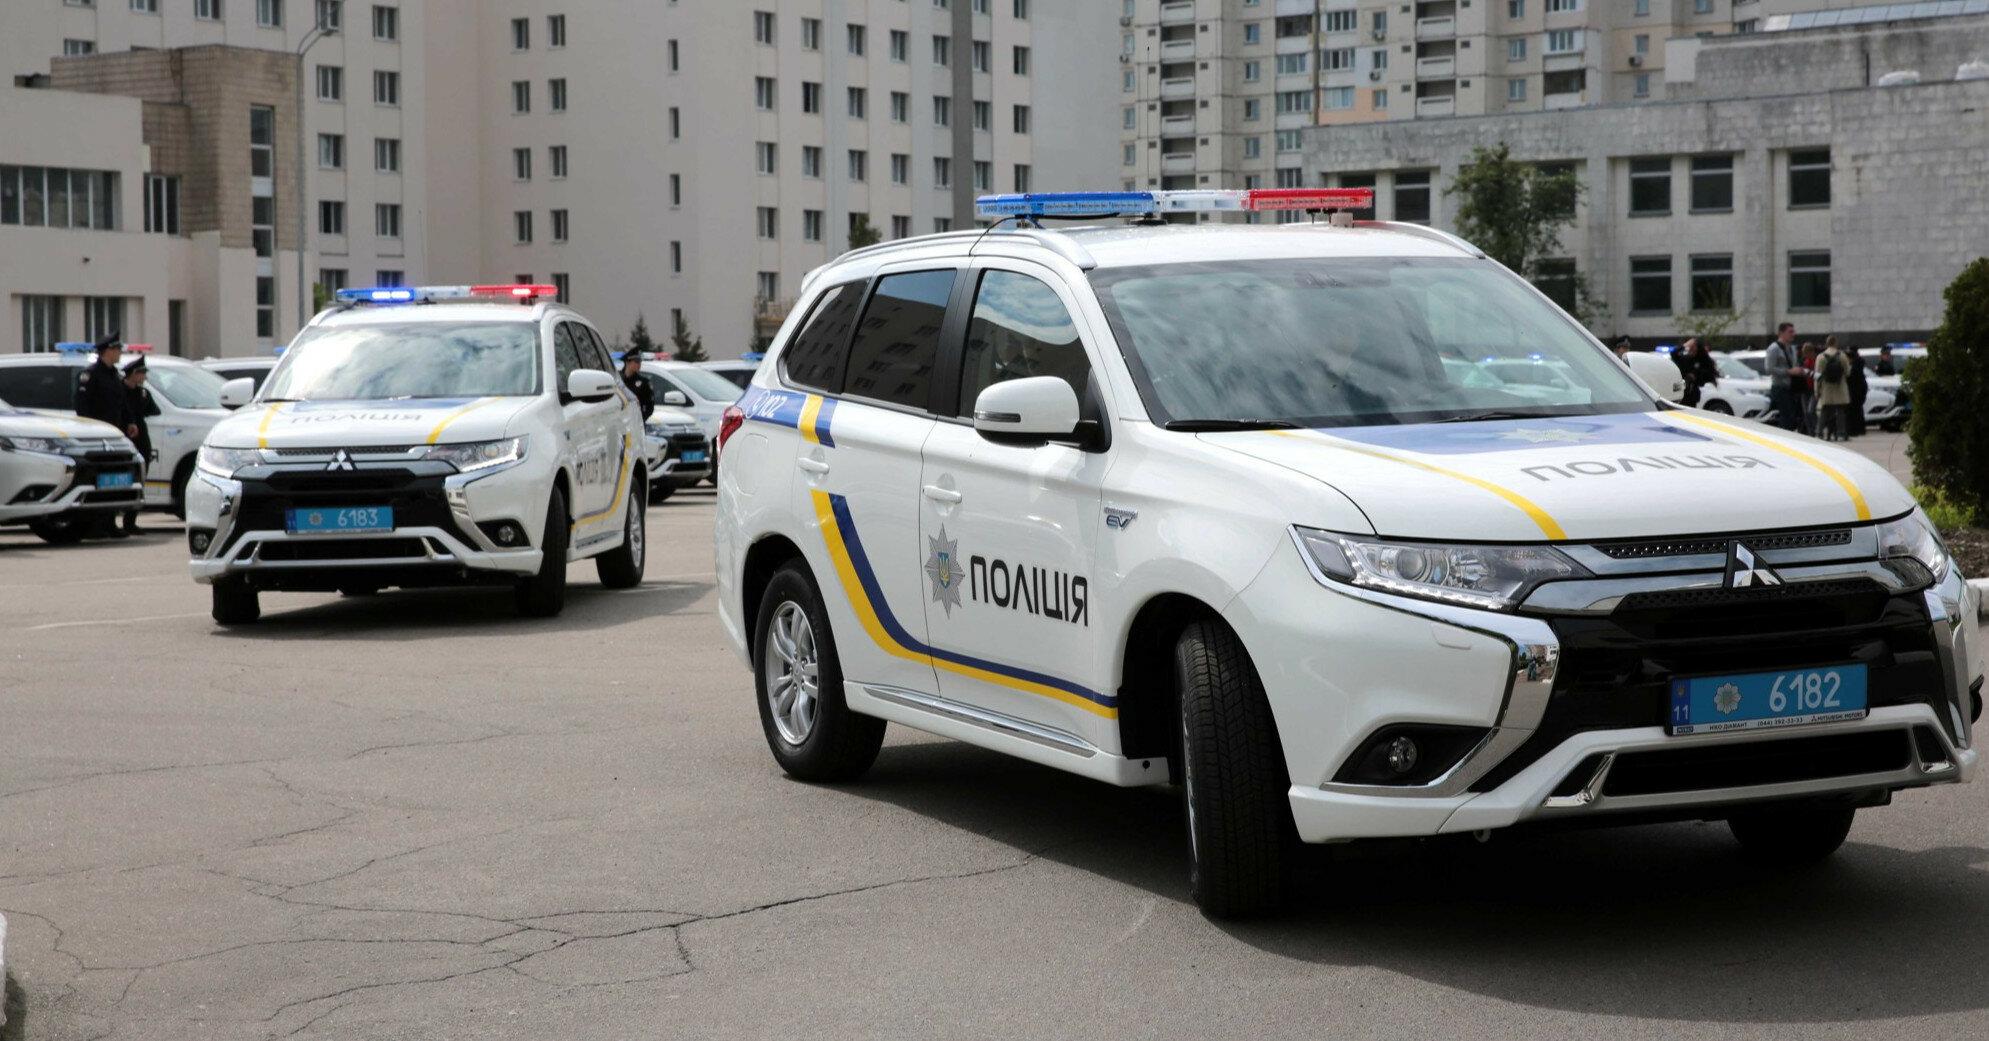 Полиция задержала мужчину, взорвавшего гранату в Харькове